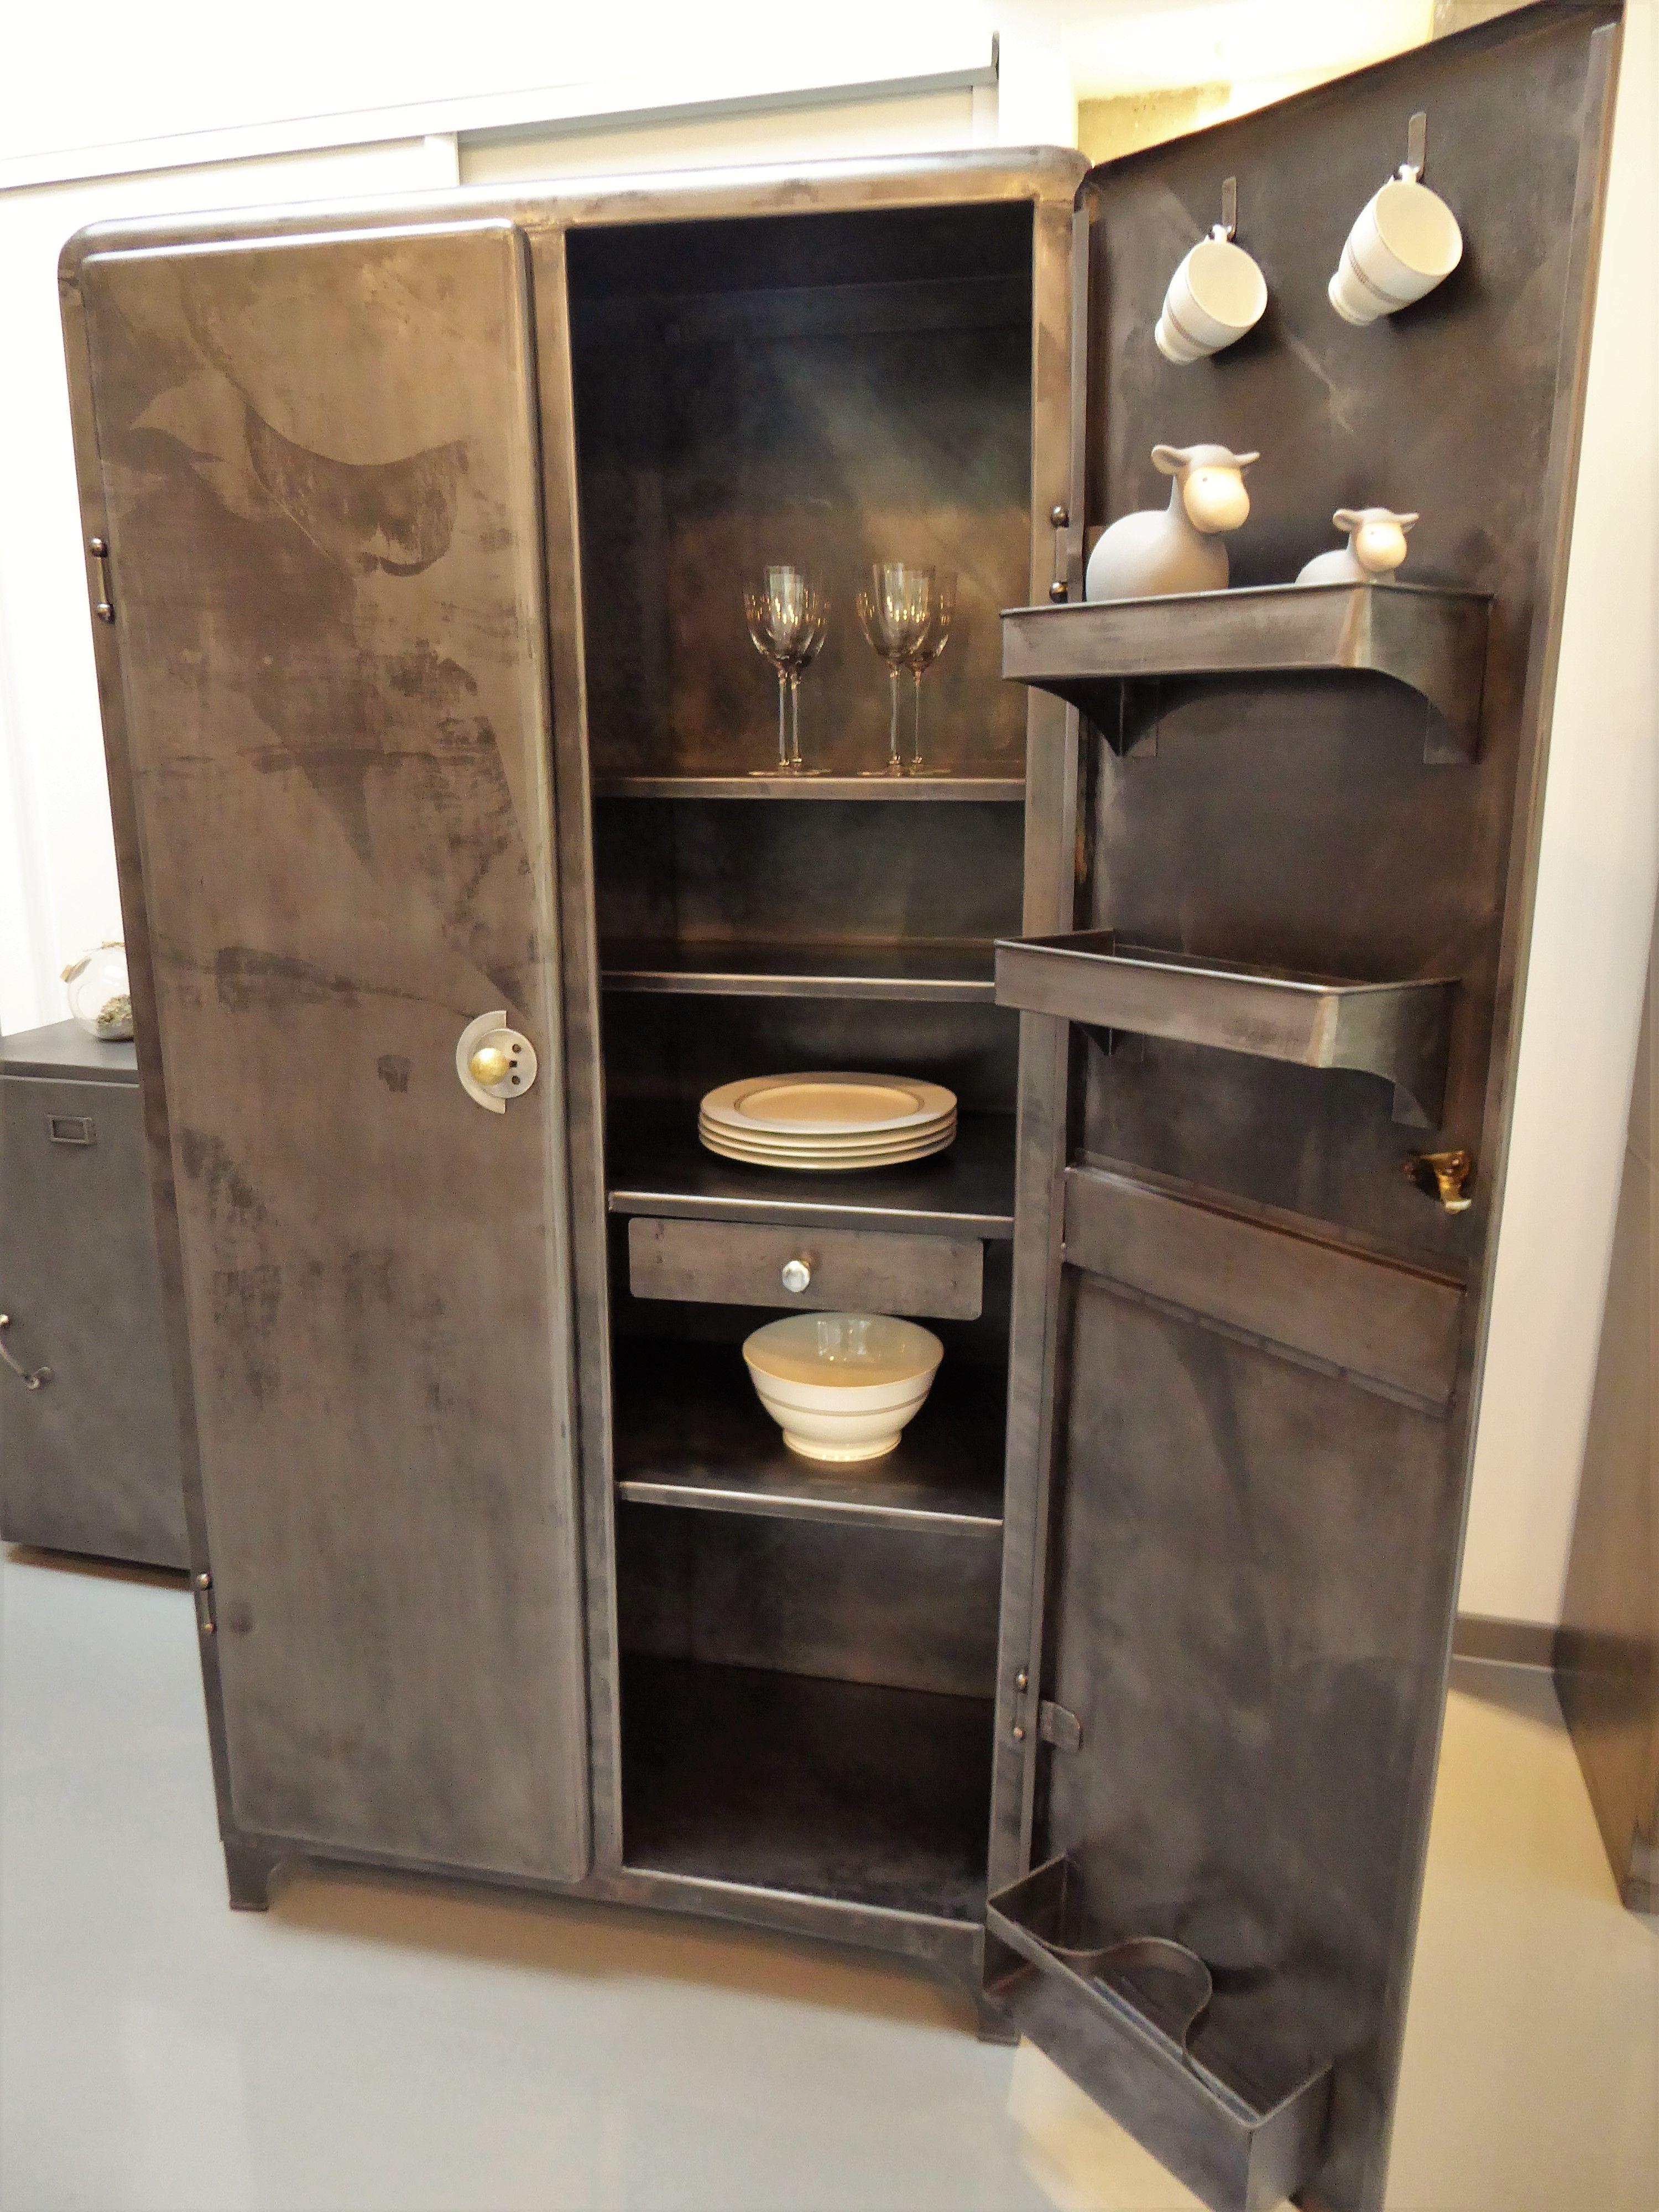 Armoire industrielle m tal an 50 39 vous propose cette armoire de cuisine - Armoire industrielle ancienne ...